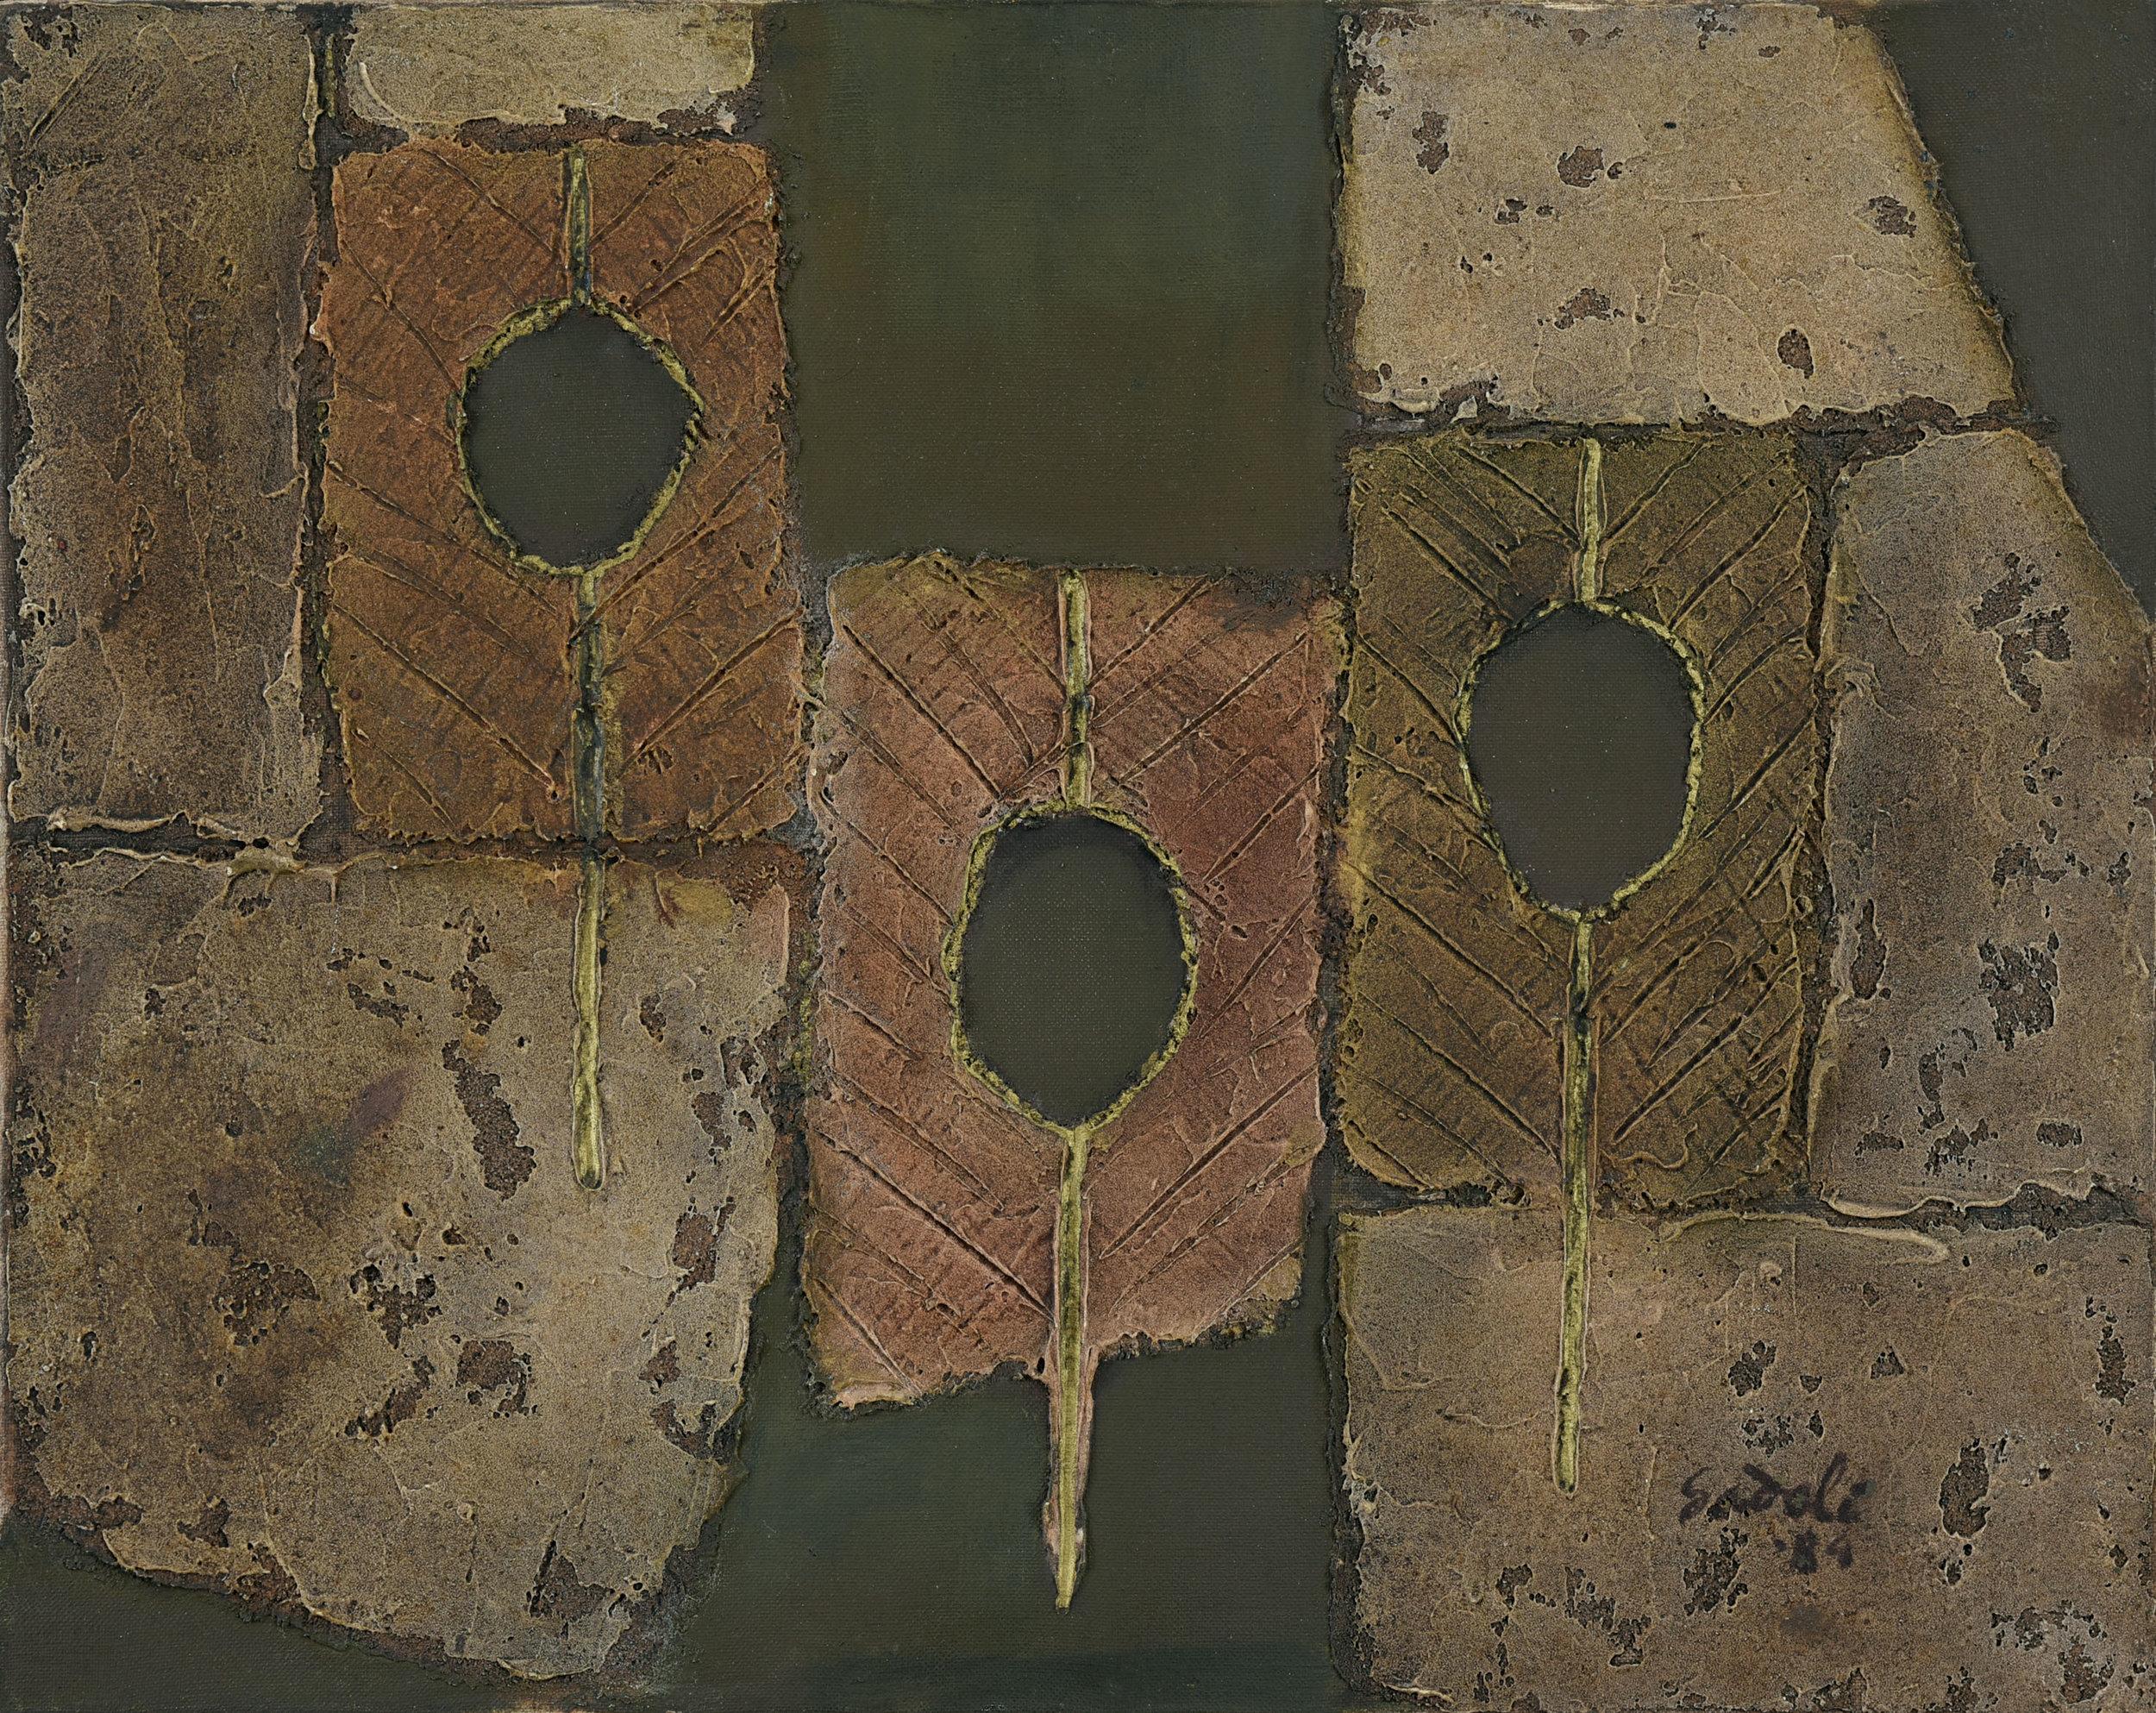 Ahmad Sadali, Untitled, mixed media on canvas, 40 x 50 cm, 1985